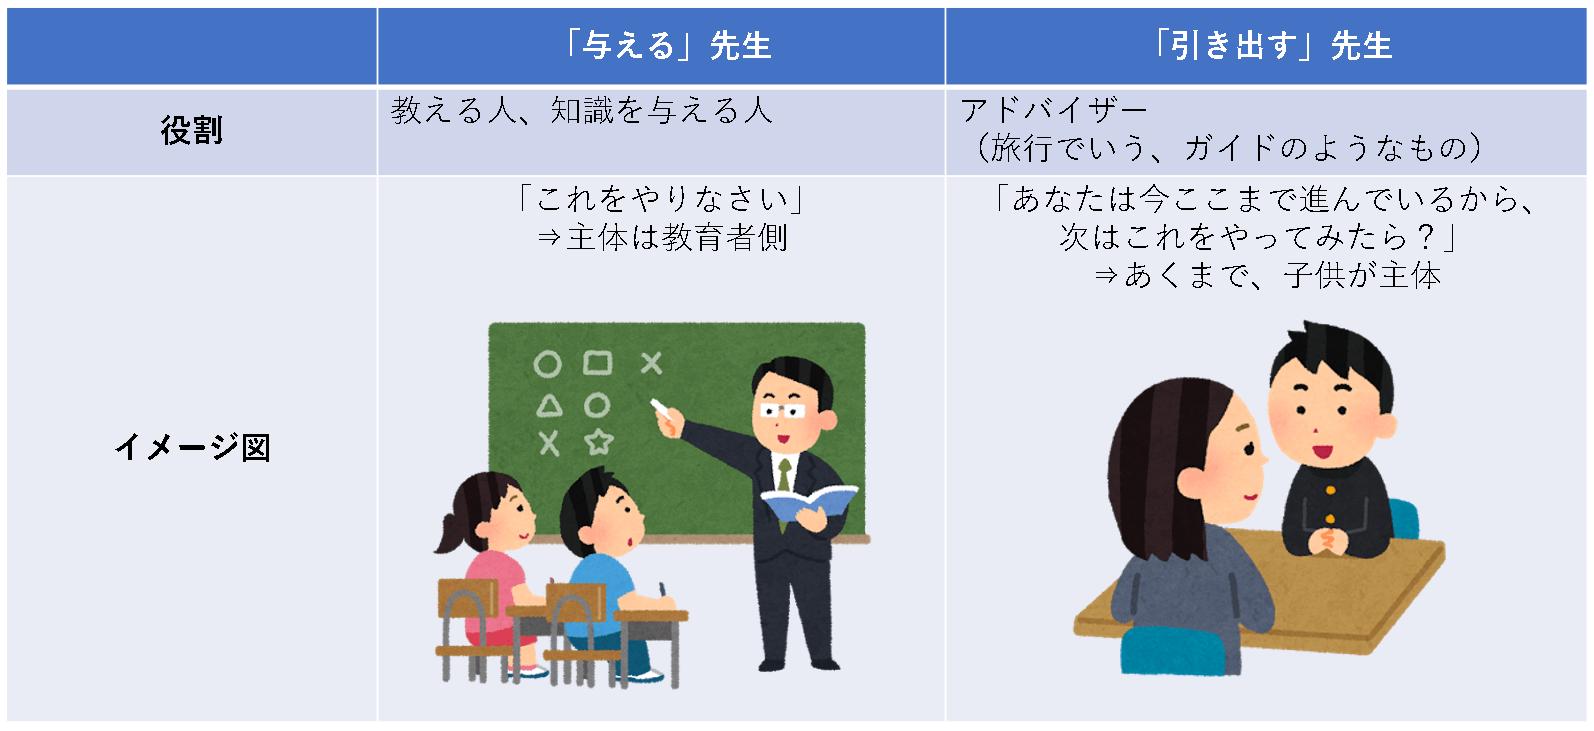 教育者の役割は、アドバイザー(旅行でいうガイドのようなもの)